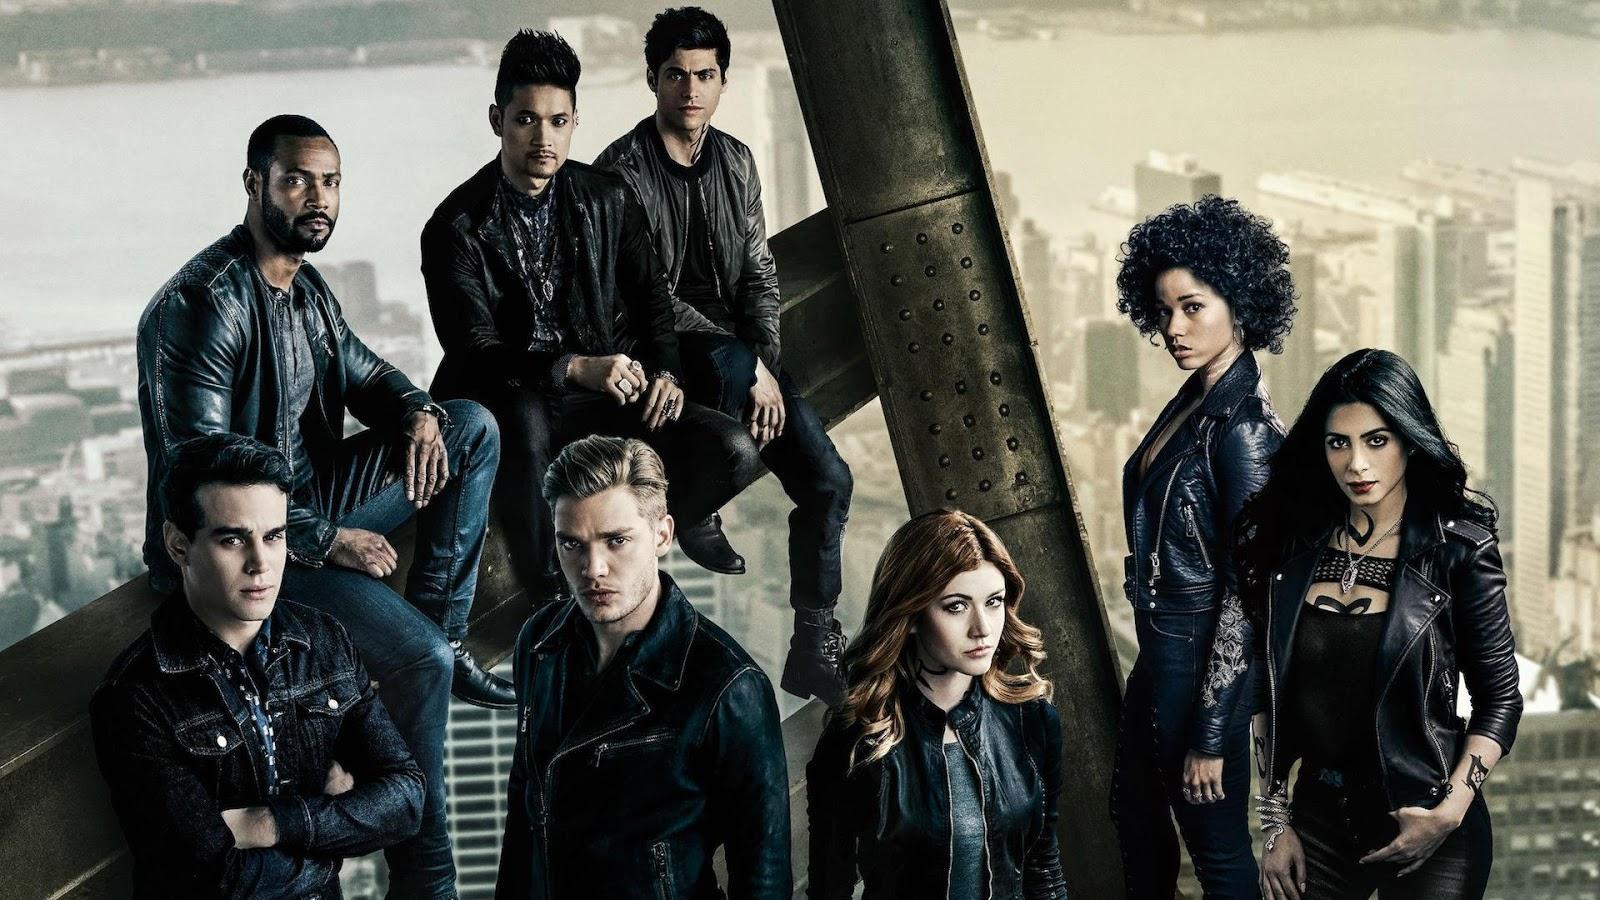 Shadowhunters, Freeform, Netflix, sezon 3B, finał, recenzja, serial, najlepsze seriale, najgorsze seriale, maj 2019